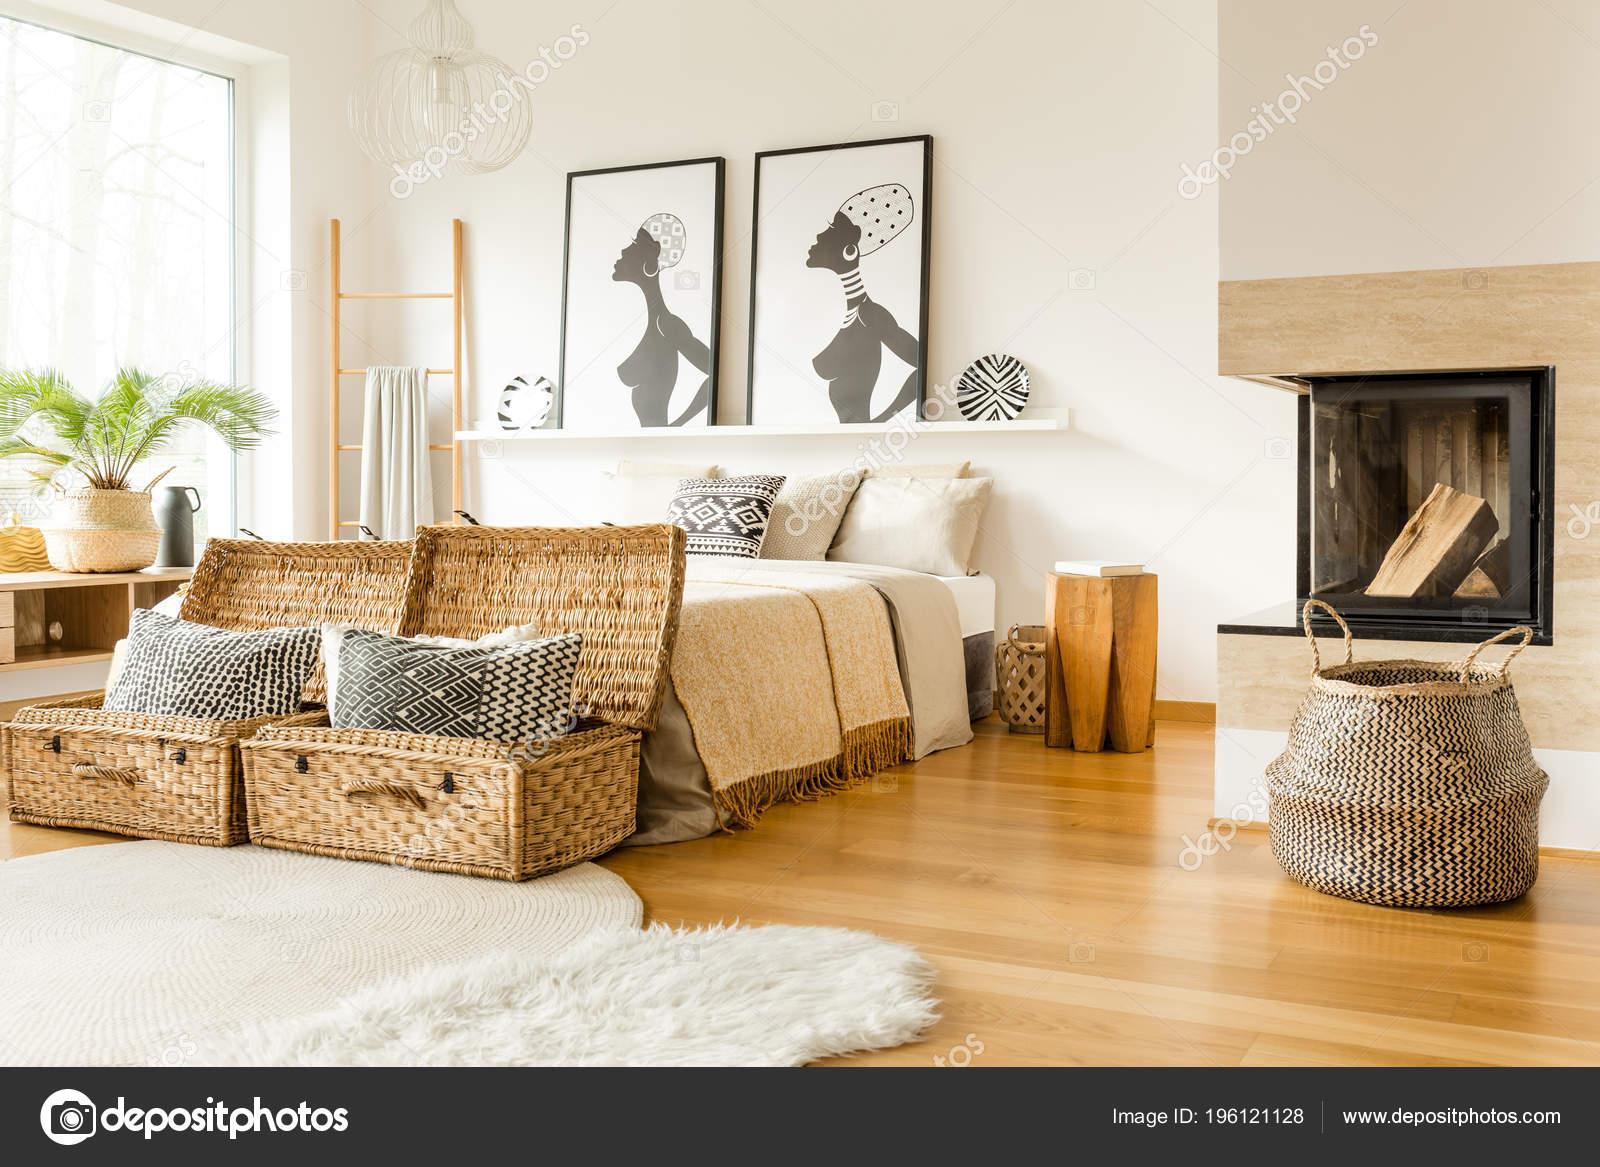 Kominek Wattle Pola Poduszki łóżka Afryki Plakaty Wnętrza